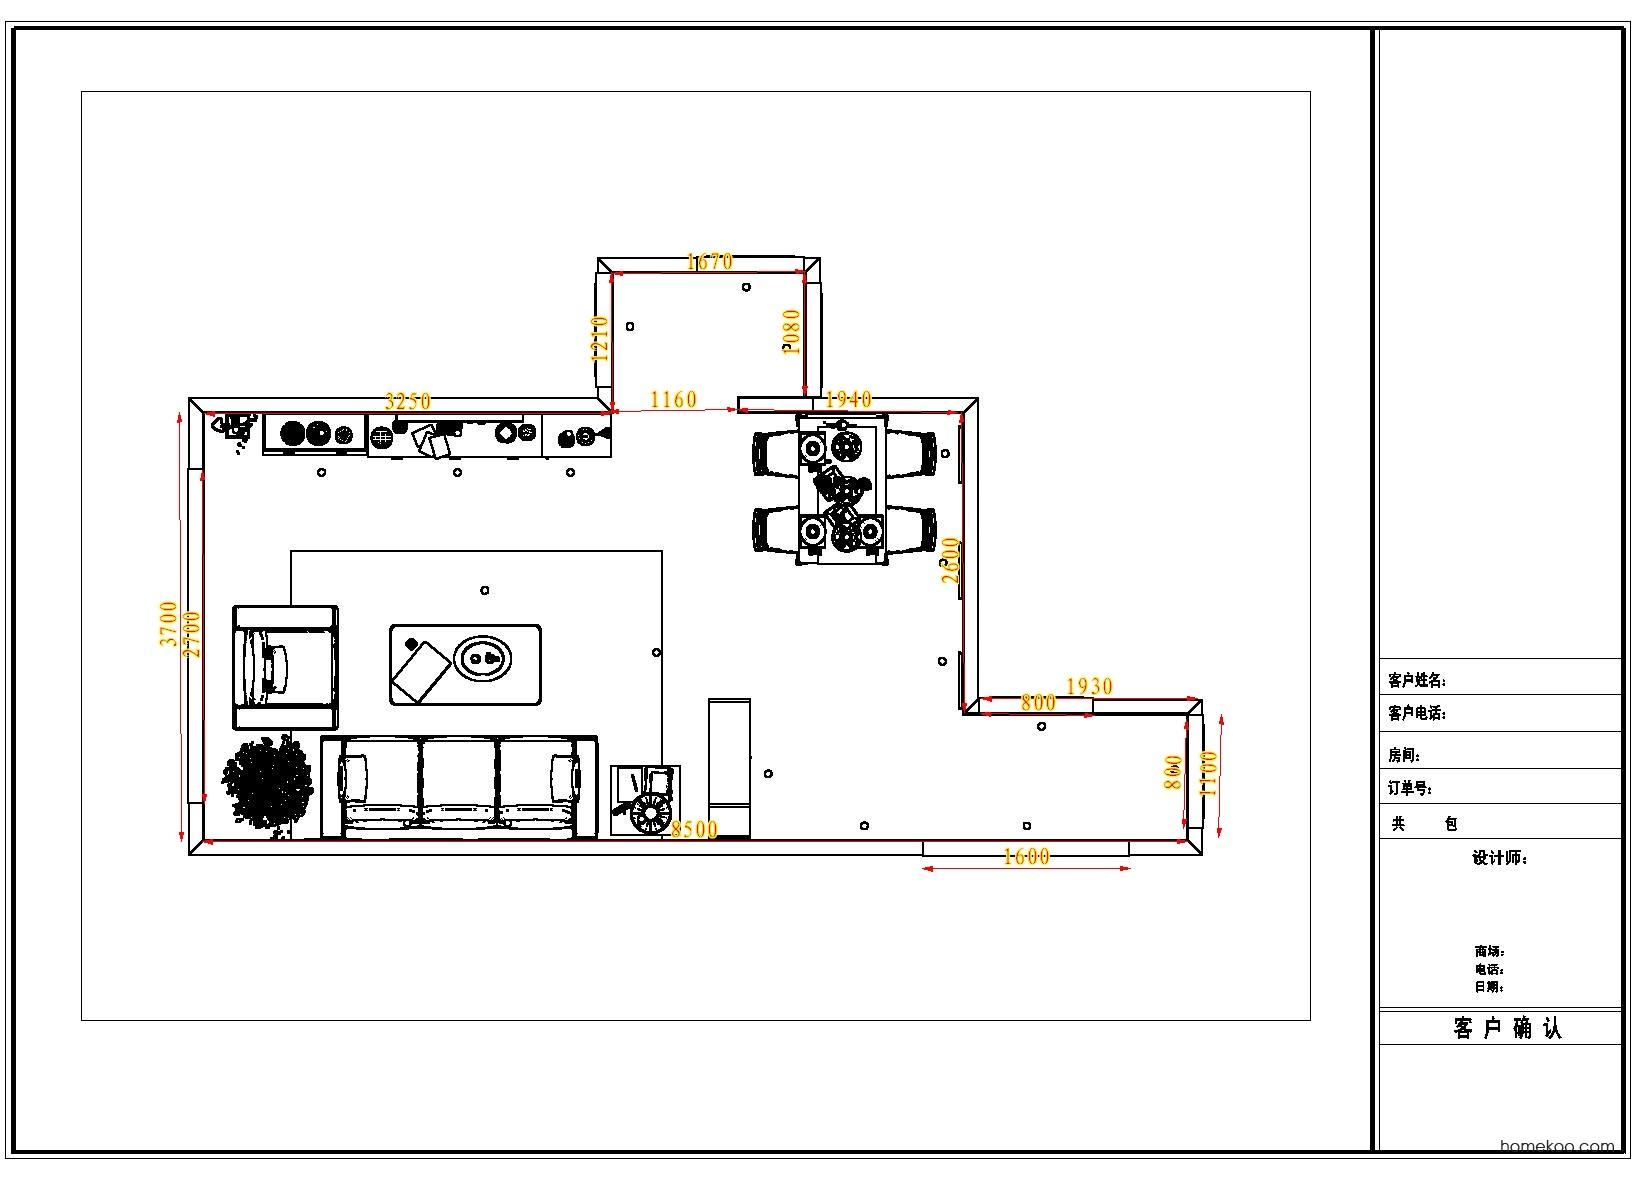 平面布置图格瑞丝系列客餐厅G1187